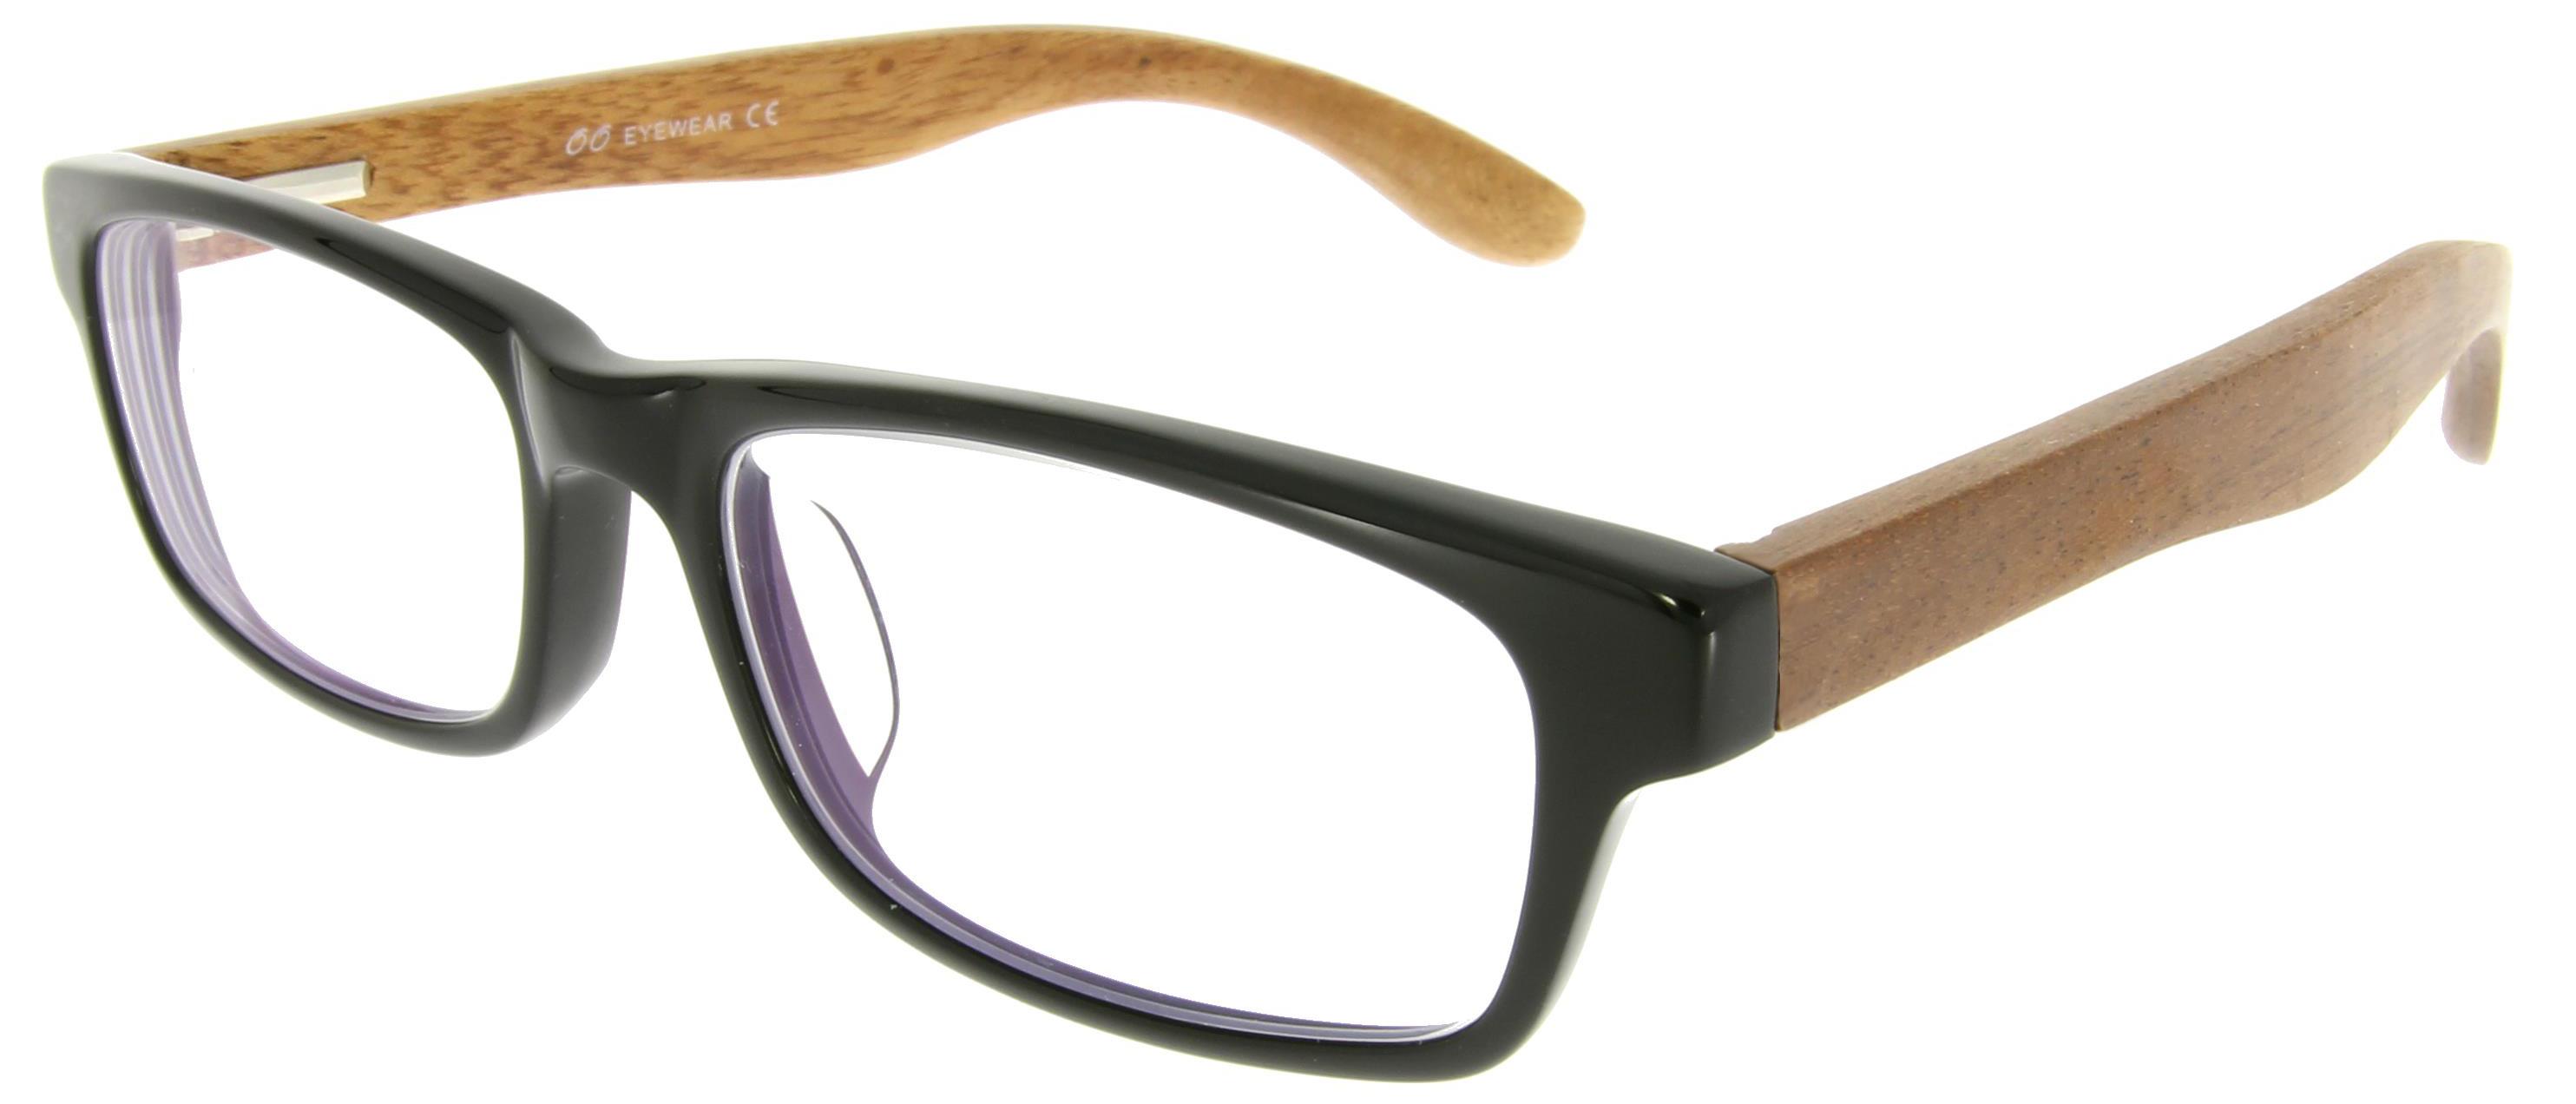 Vorschaubild von Kastenförmige Brille mit Holzbügeln